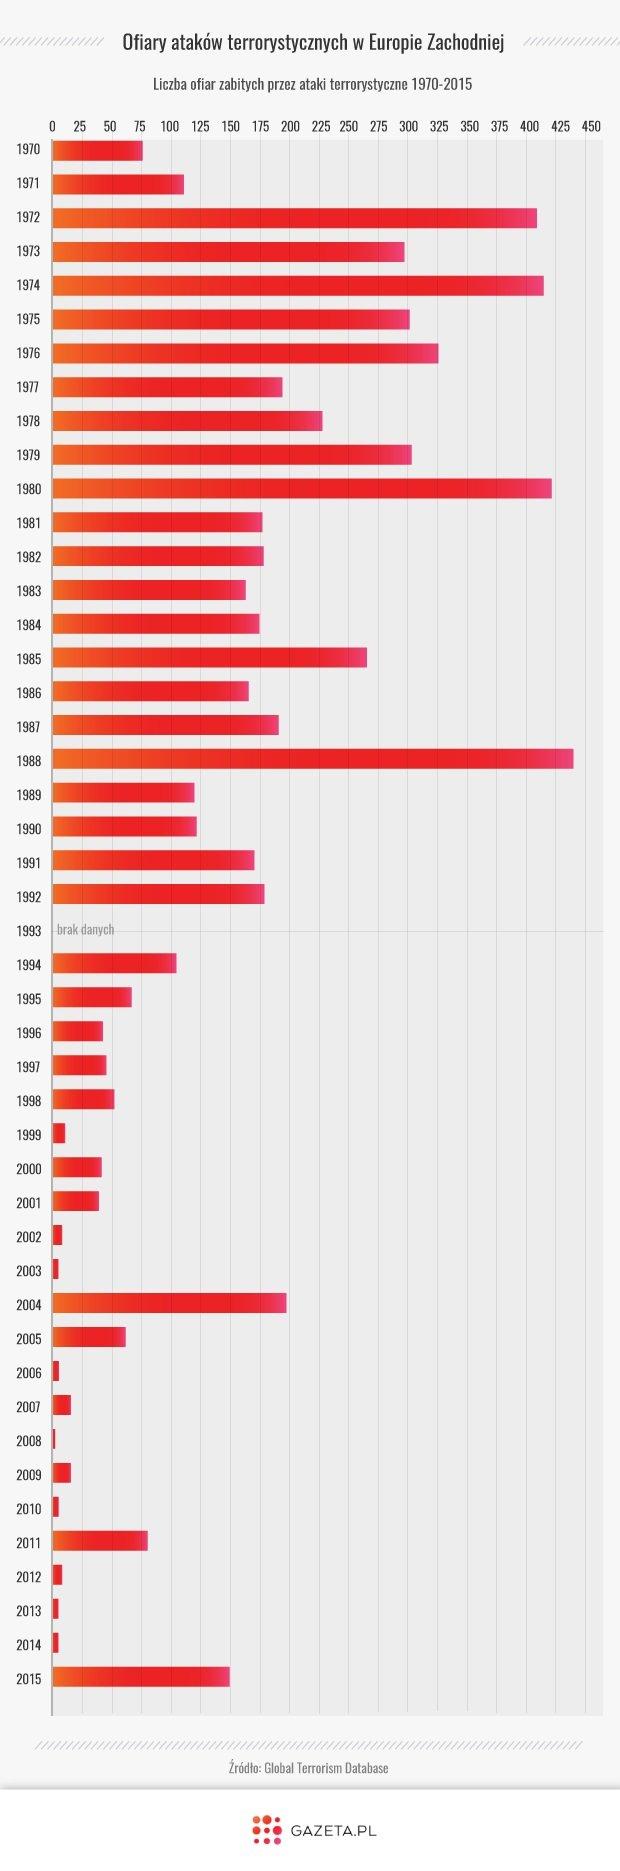 https://bi.gazeta.pl/im/01/e4/12/z19812097Q,Ofiary-terroryzmu-w-Europie-Zachodniej.jpg